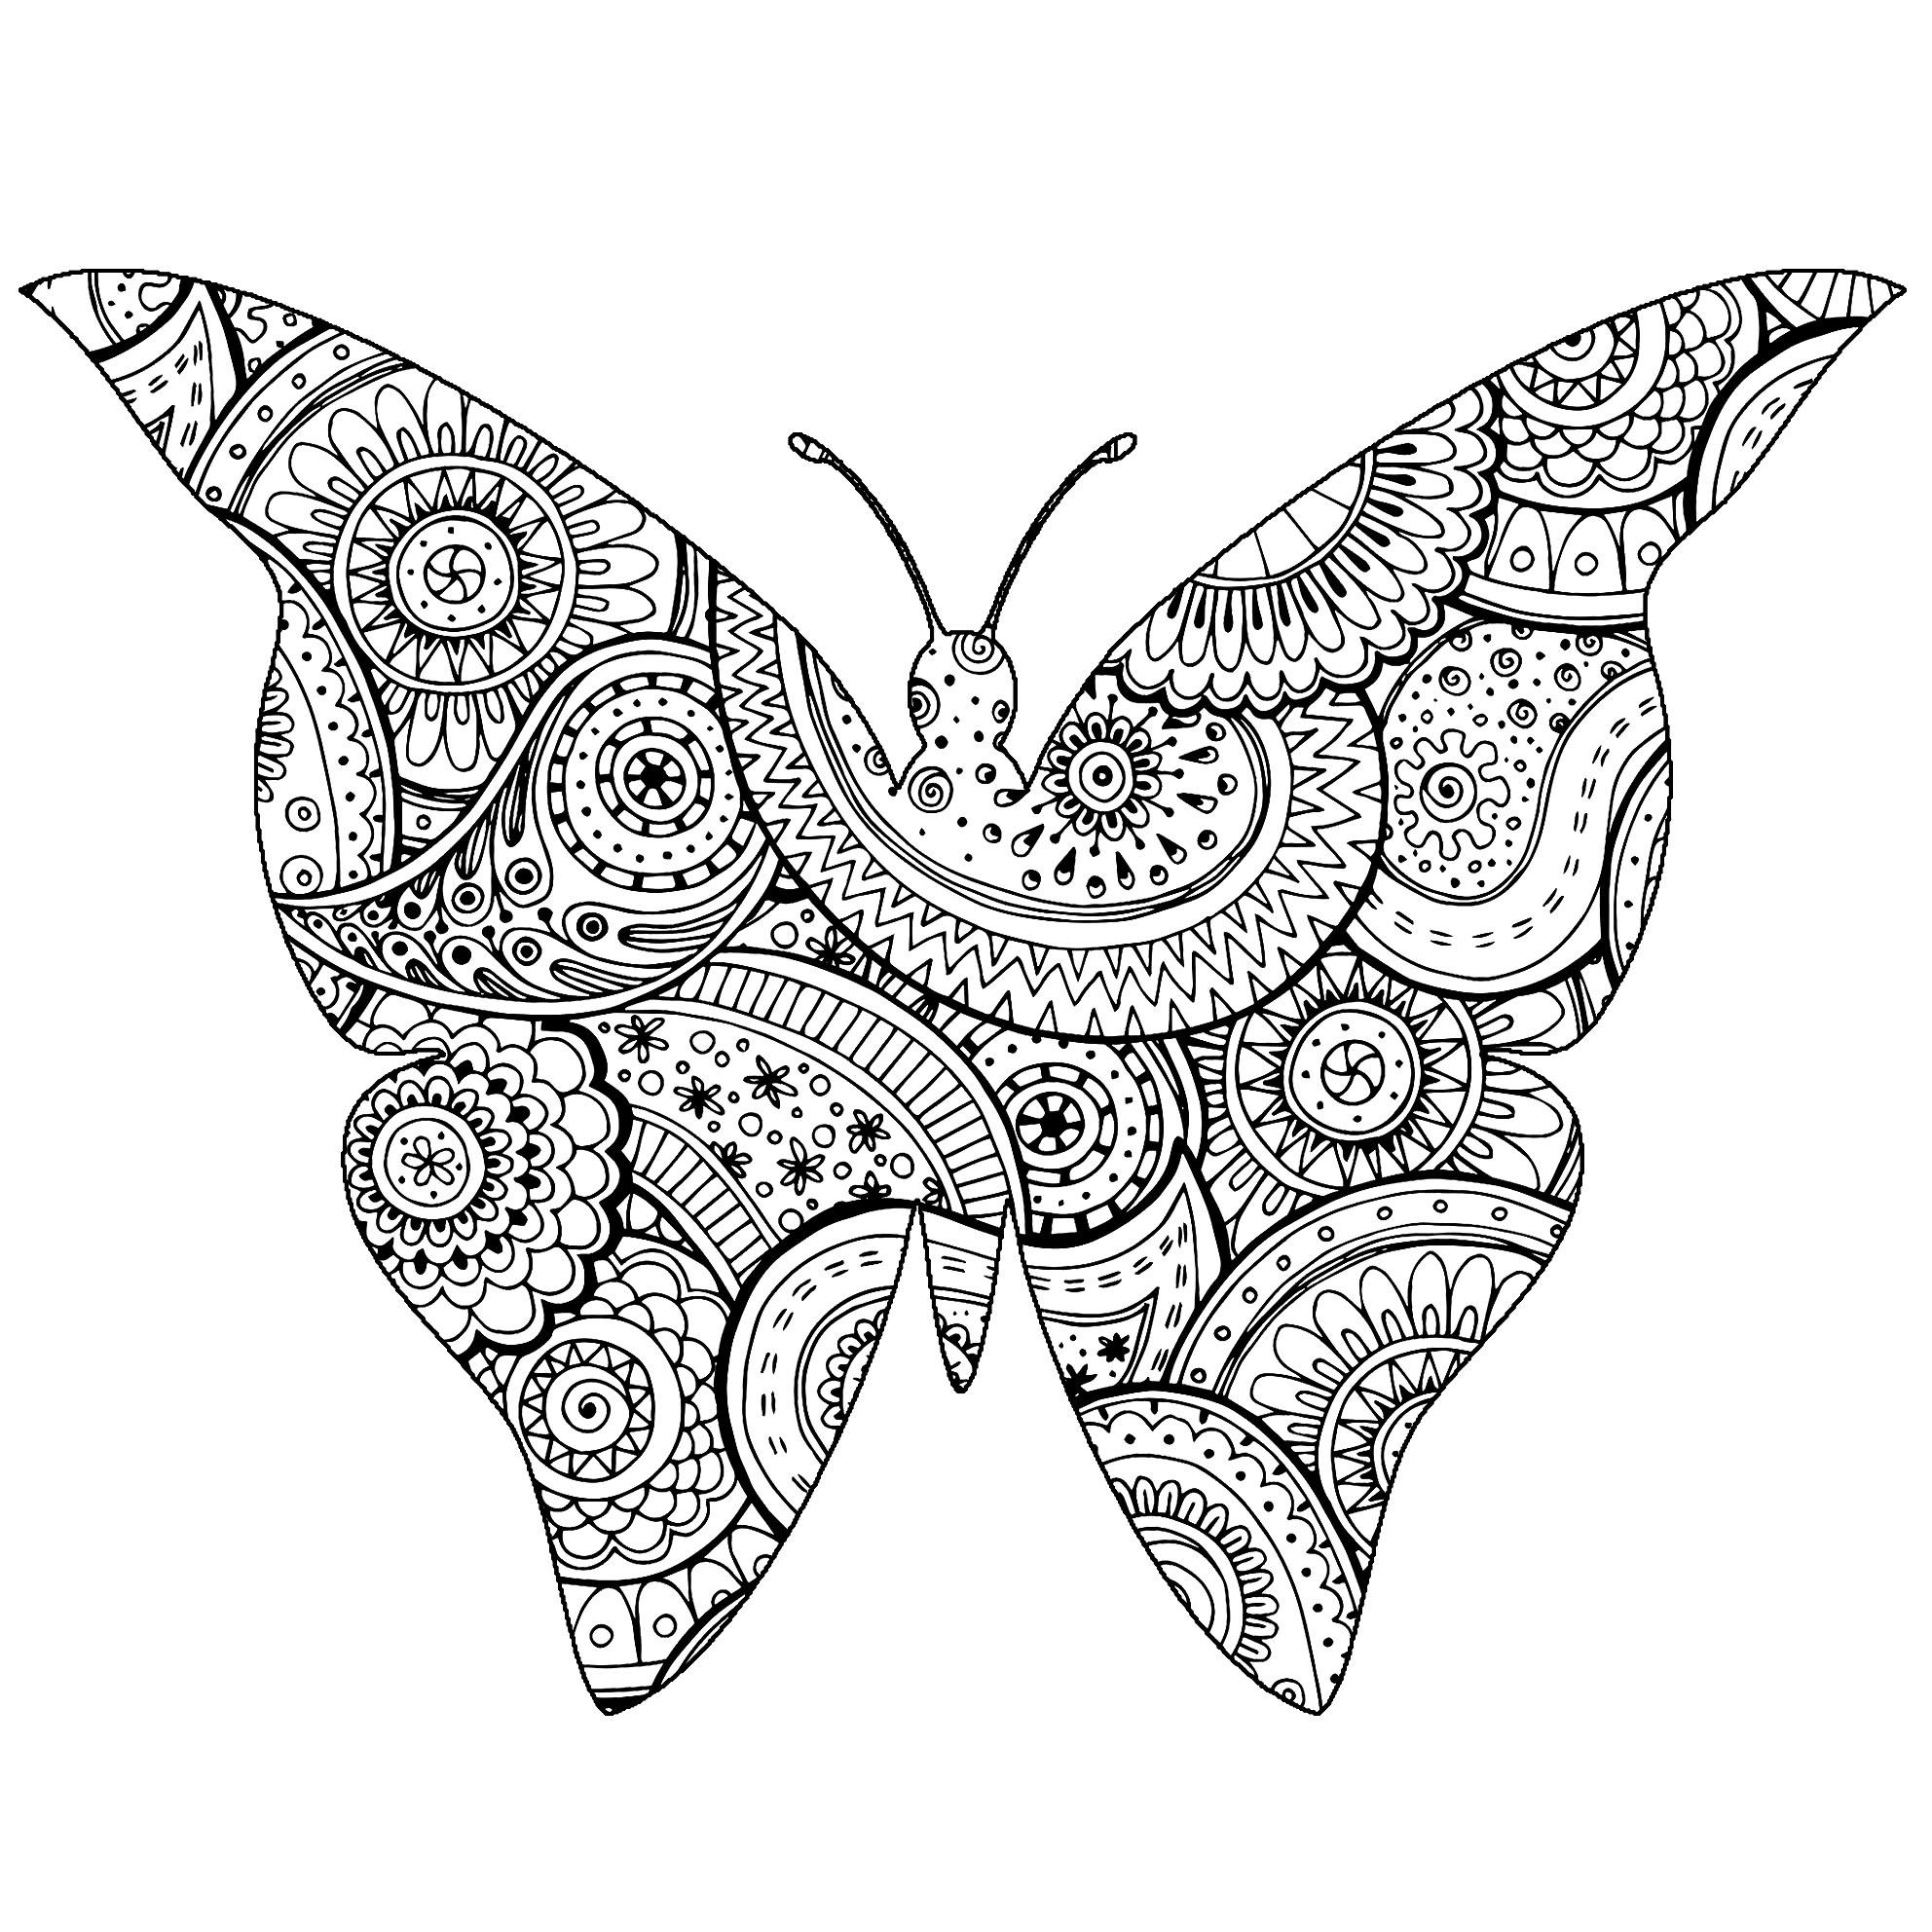 Schmetterlinge Und Insekten 46683 - Schmetterlinge Und innen Schmetterlinge Insekten